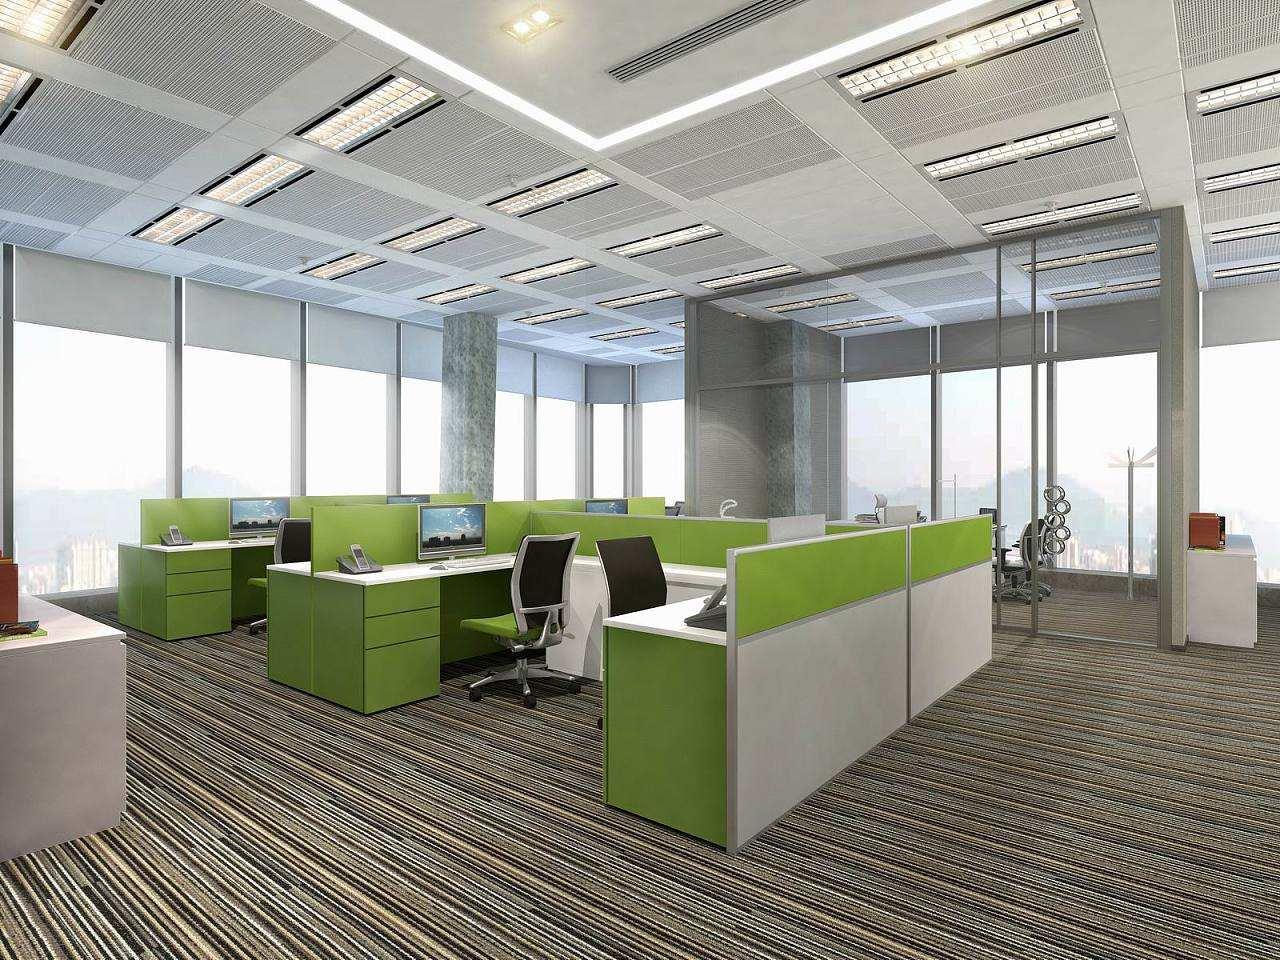 关于办公室装修如何寻找合适的工装公司的几点建议